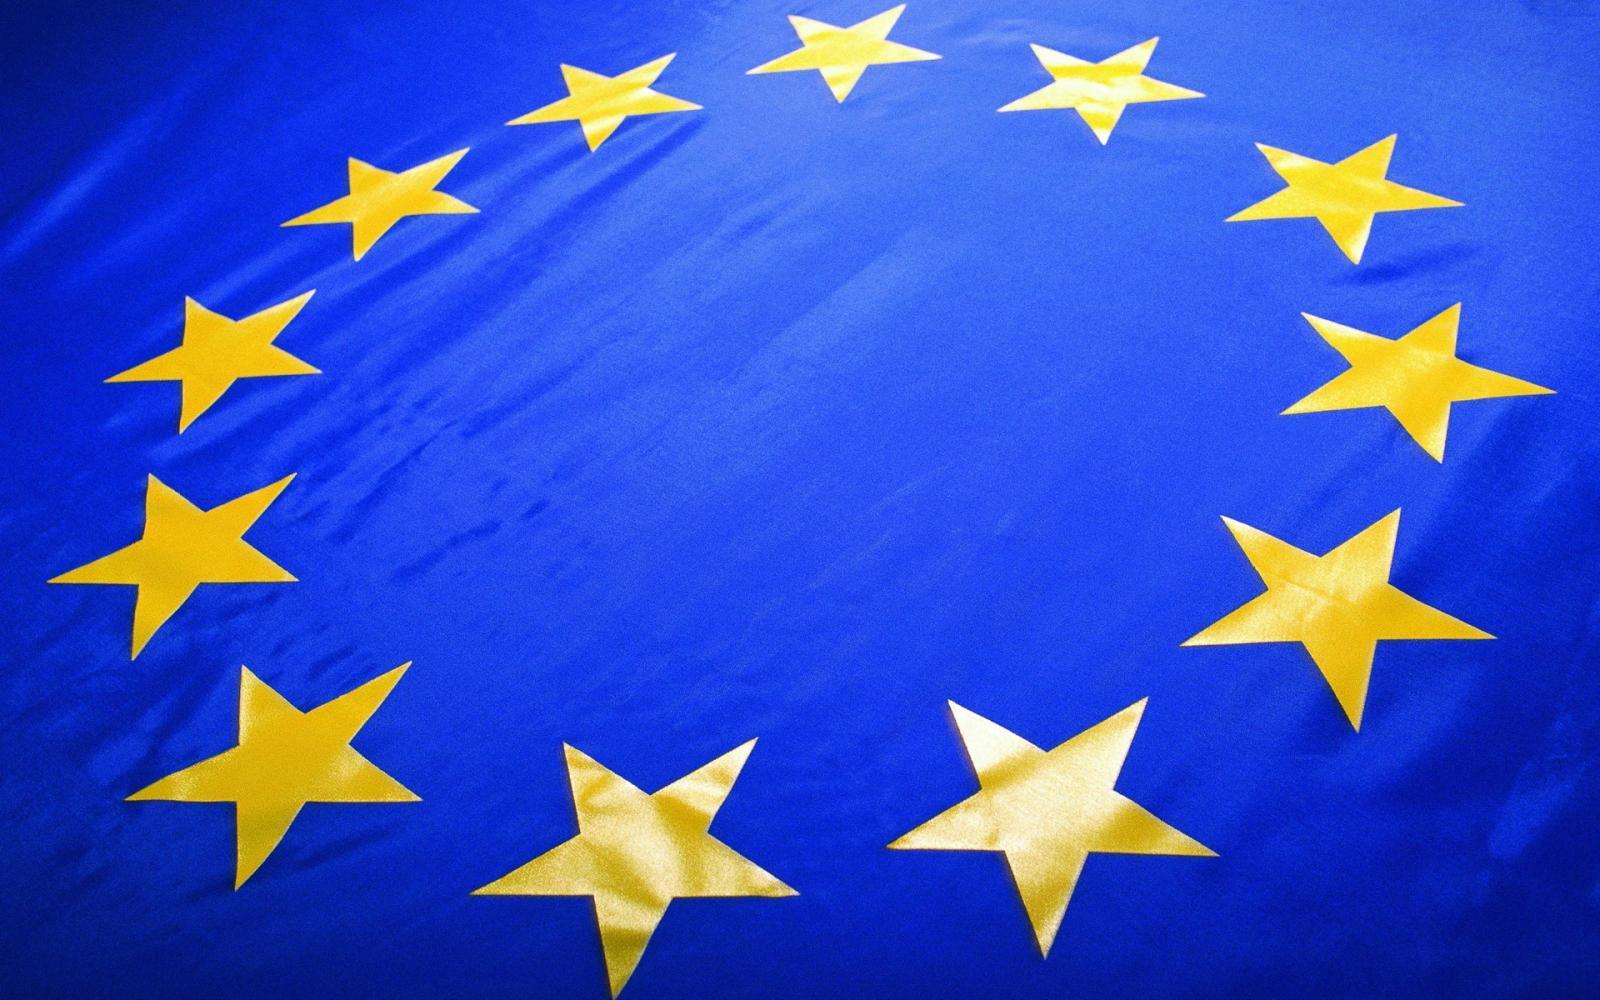 Şərq tərəfdaşlığı proqramı Brüsseldə Avropa İttifaqı Nazirlər Şurasının iclasında müzakirə olunacaq